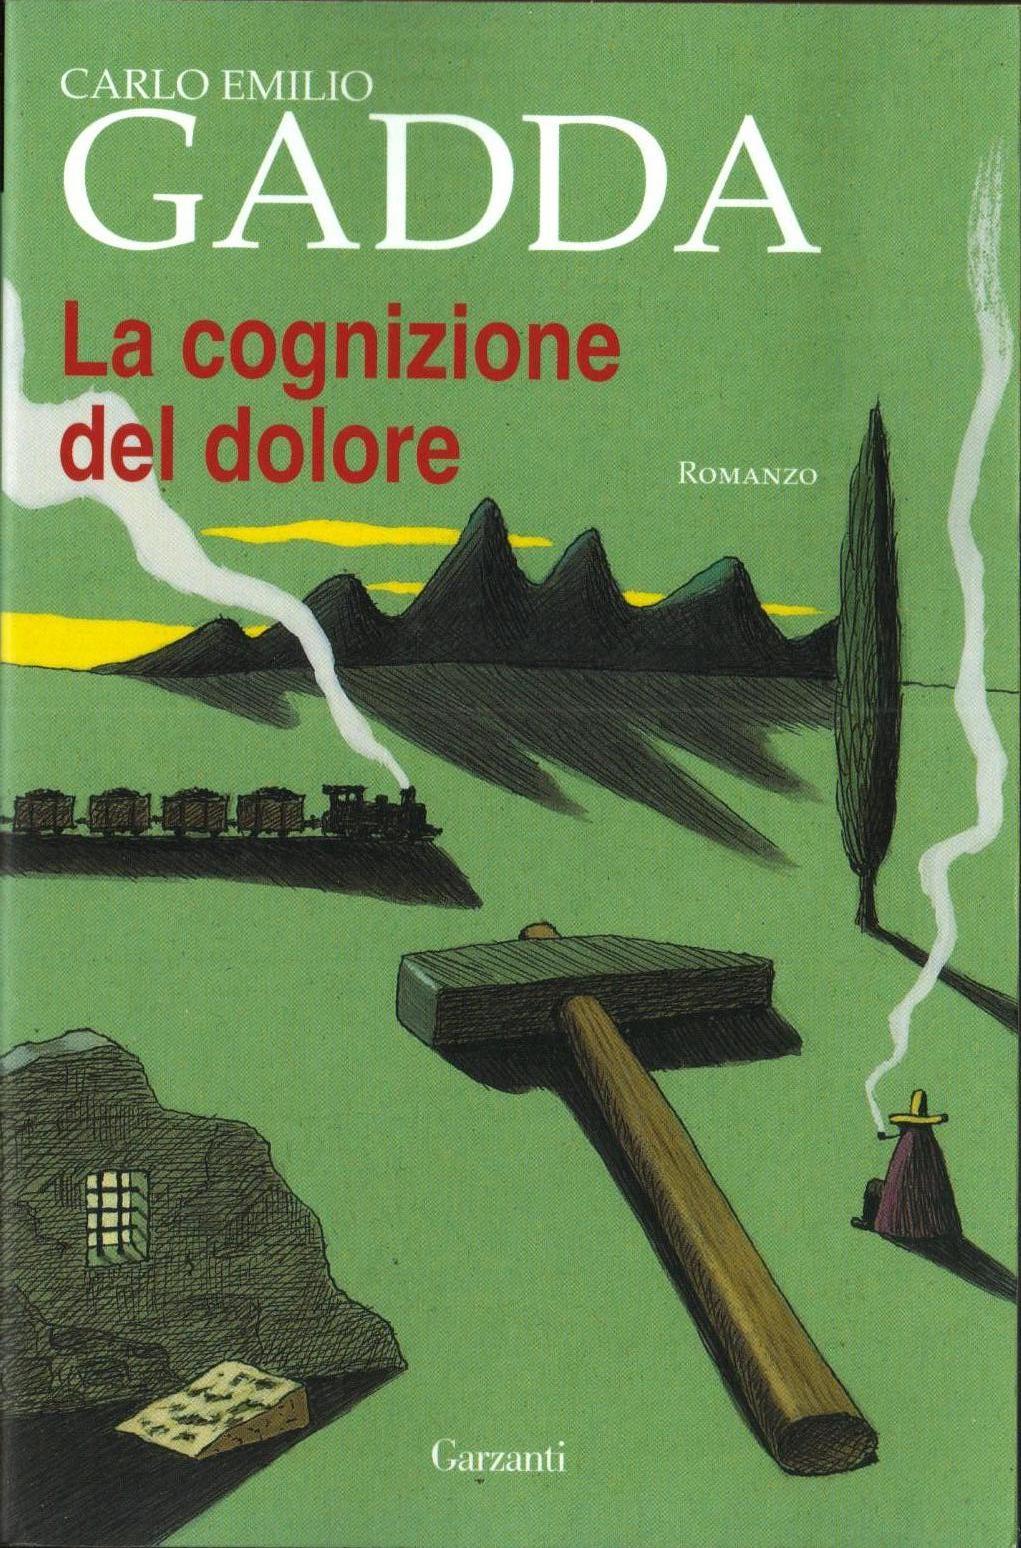 Carlo Emilio Gadda, La cognizione del dolore, Garzanti